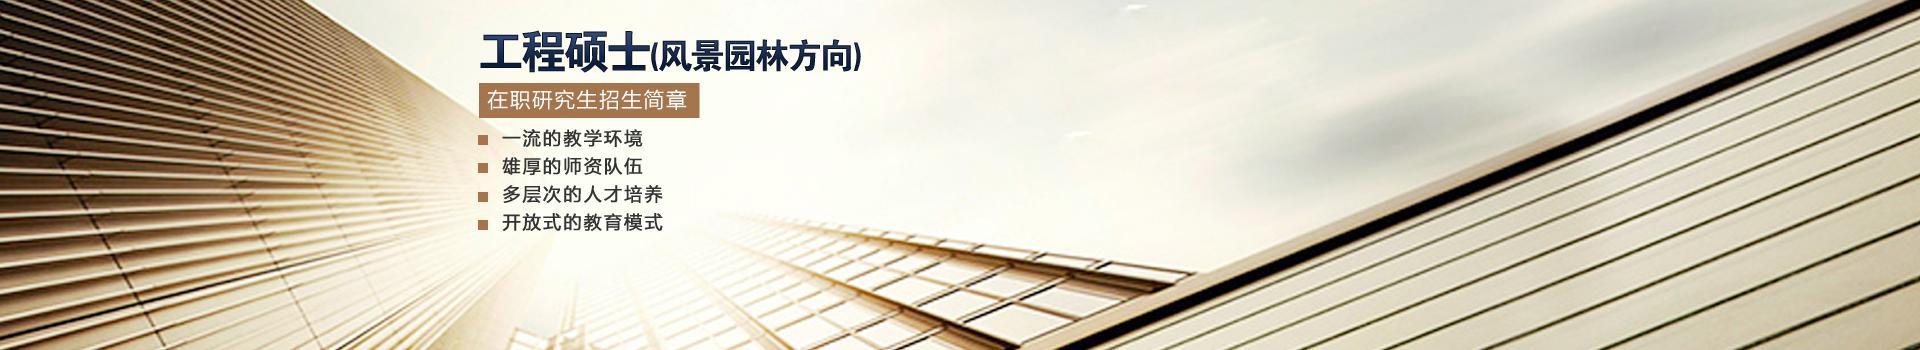 天津大学建筑学院(风景园林方向)在职研究生招生简章【成都班】